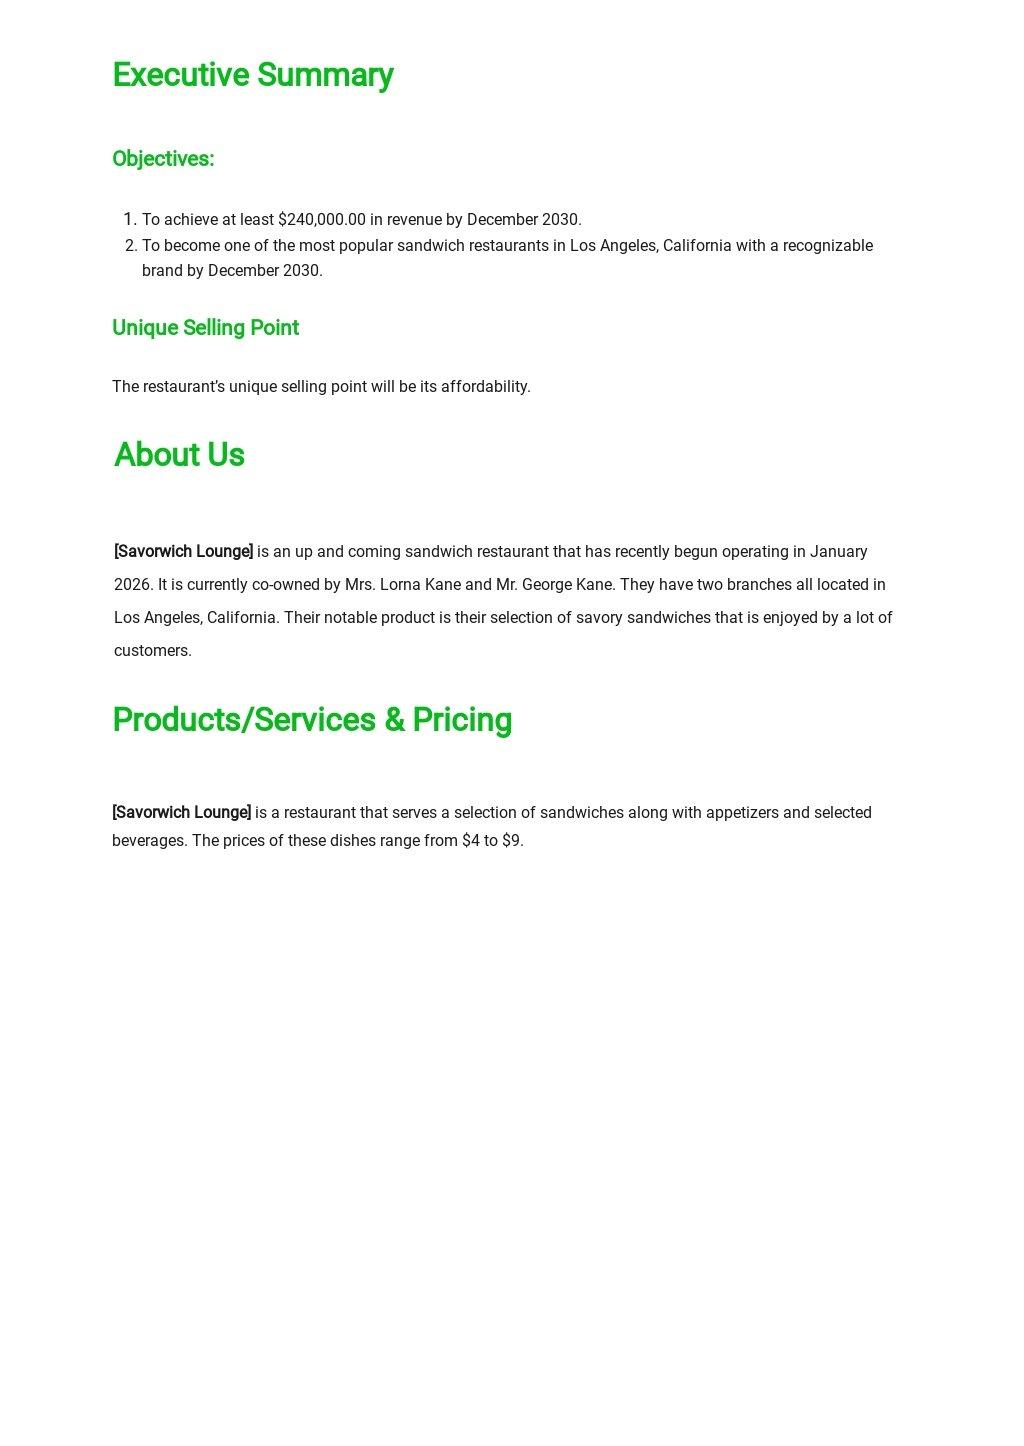 Sandwich Restaurant Business Plan Template 1.jpe